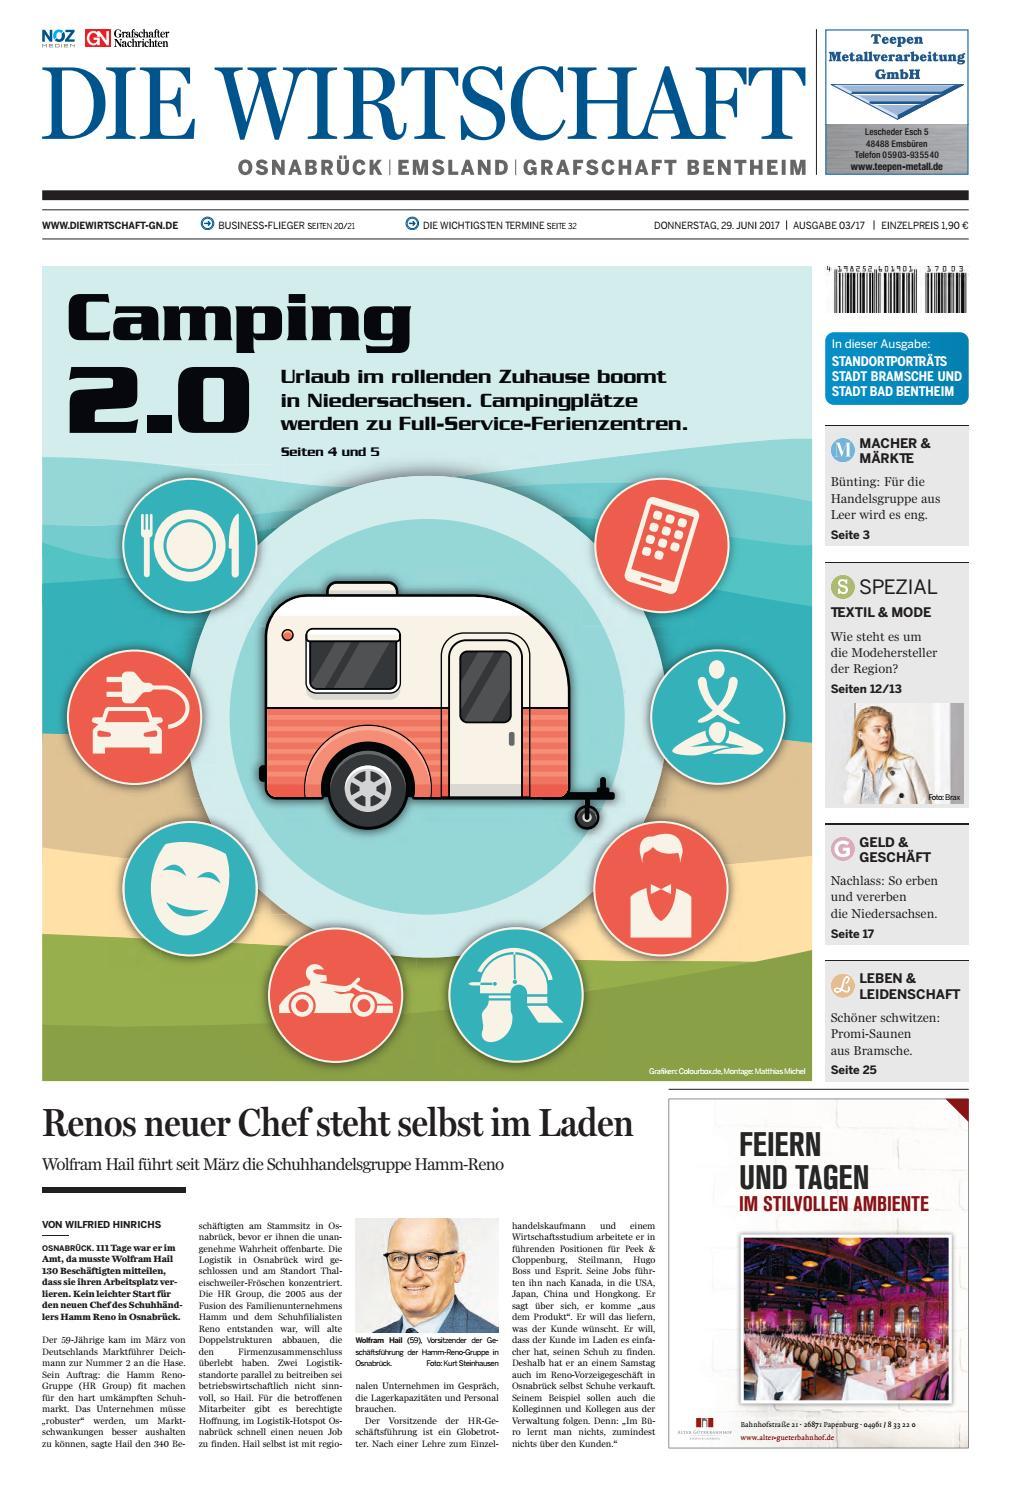 Die Wirtschafts Juni 2017 by Grafschafter Nachrichten - issuu